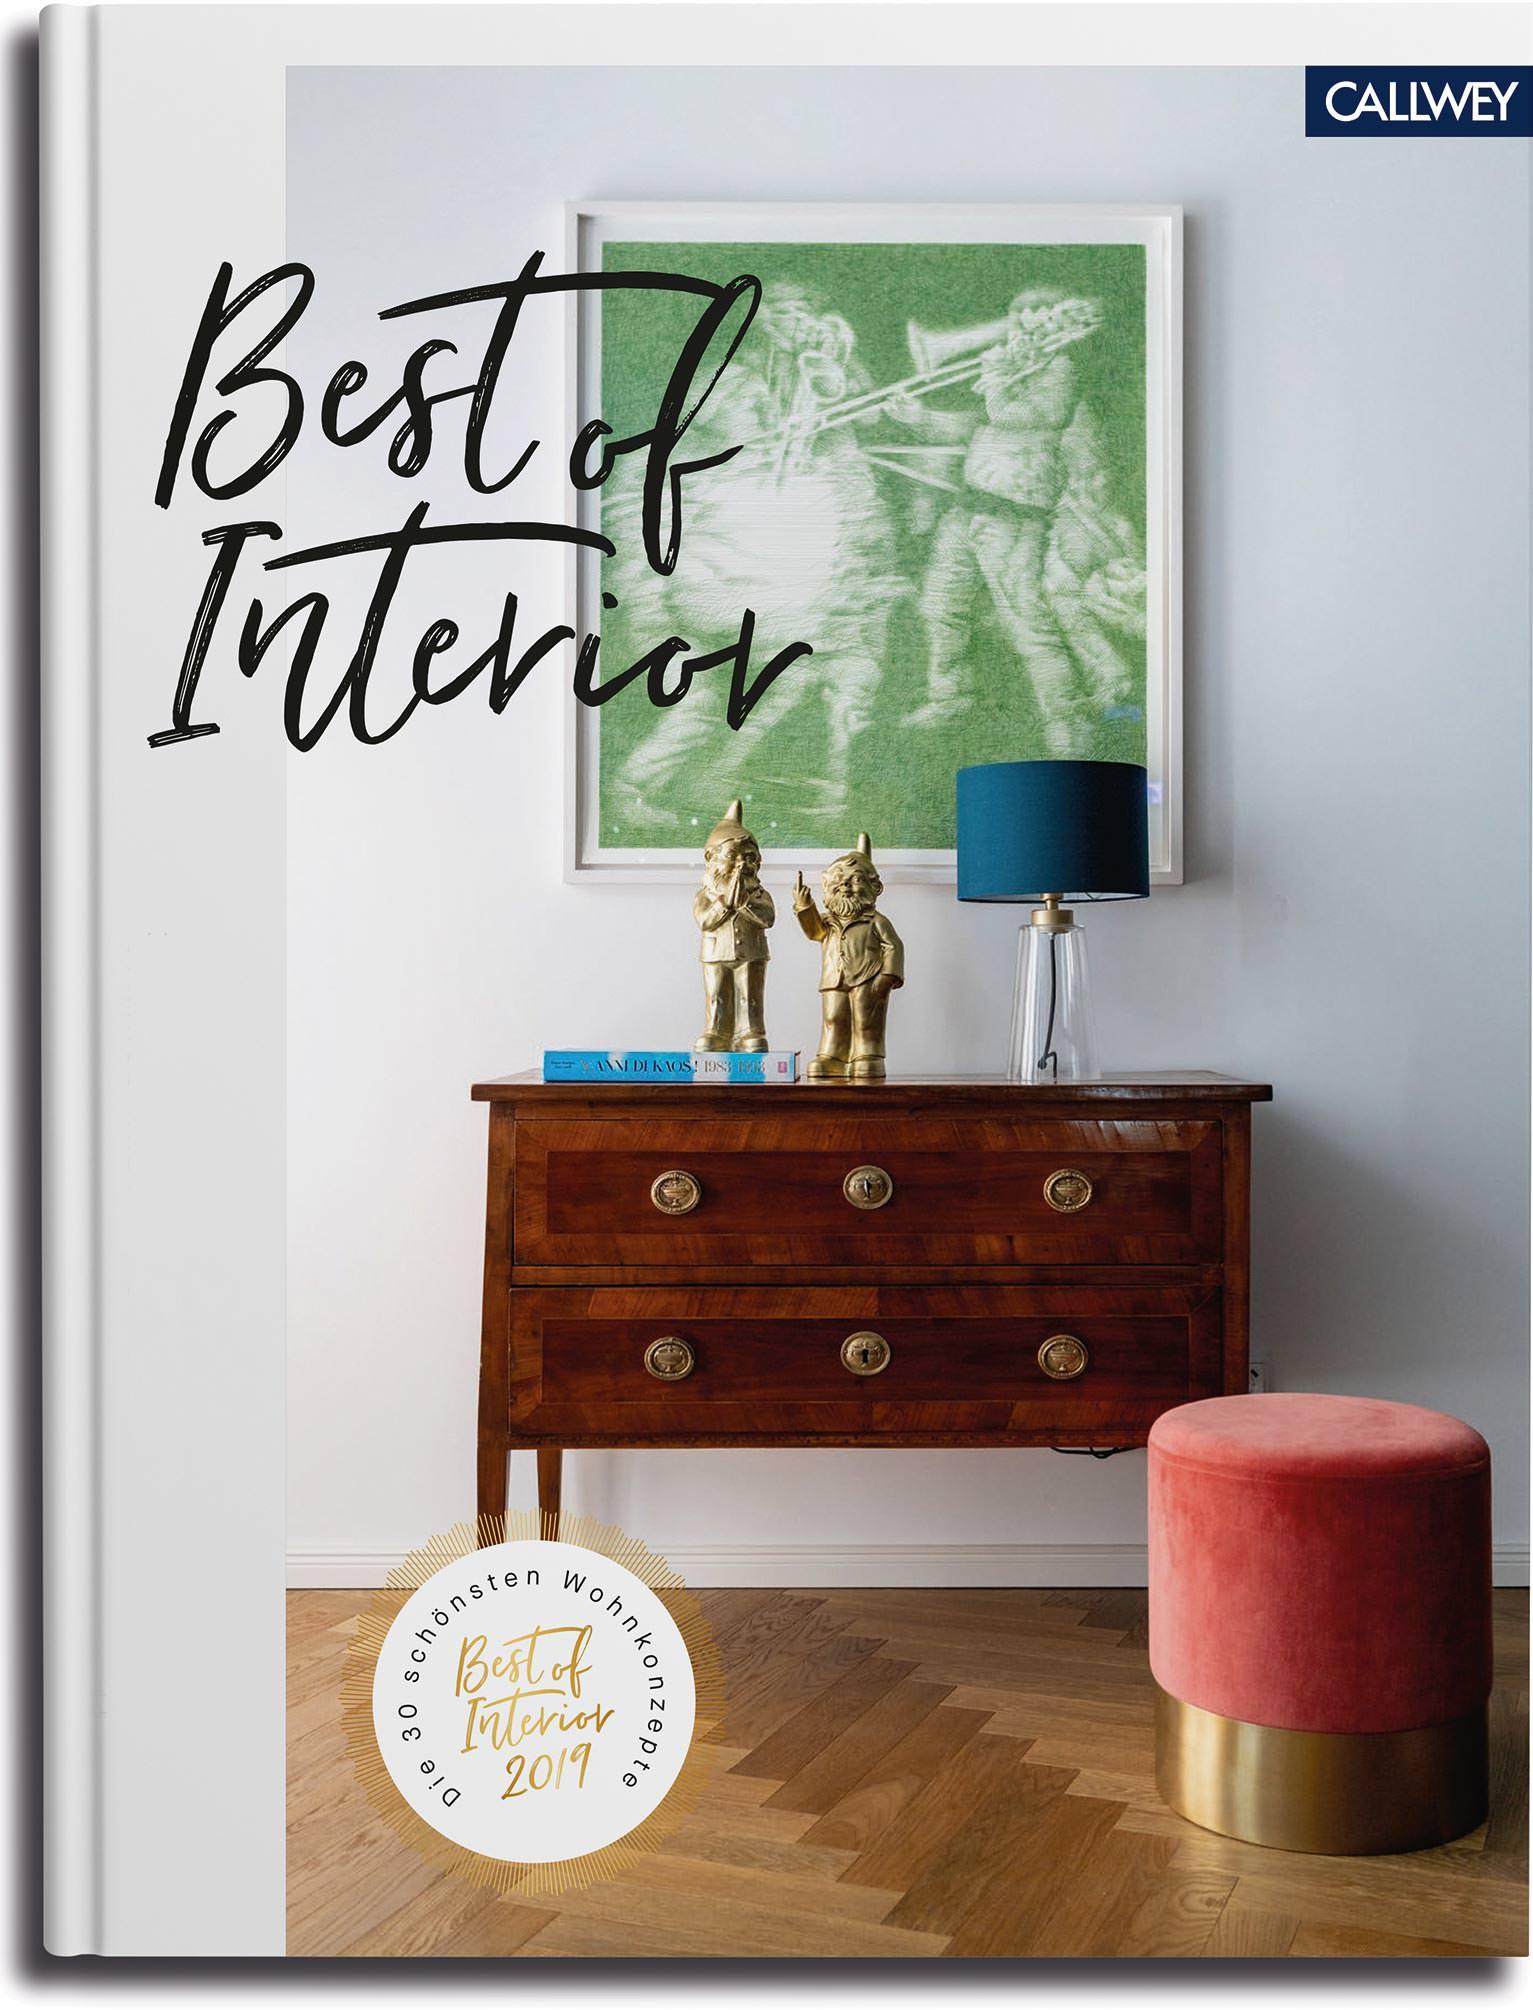 """Buch zum Wettbewerb """"Best of Interior"""" liefert Einrichtungsideen"""